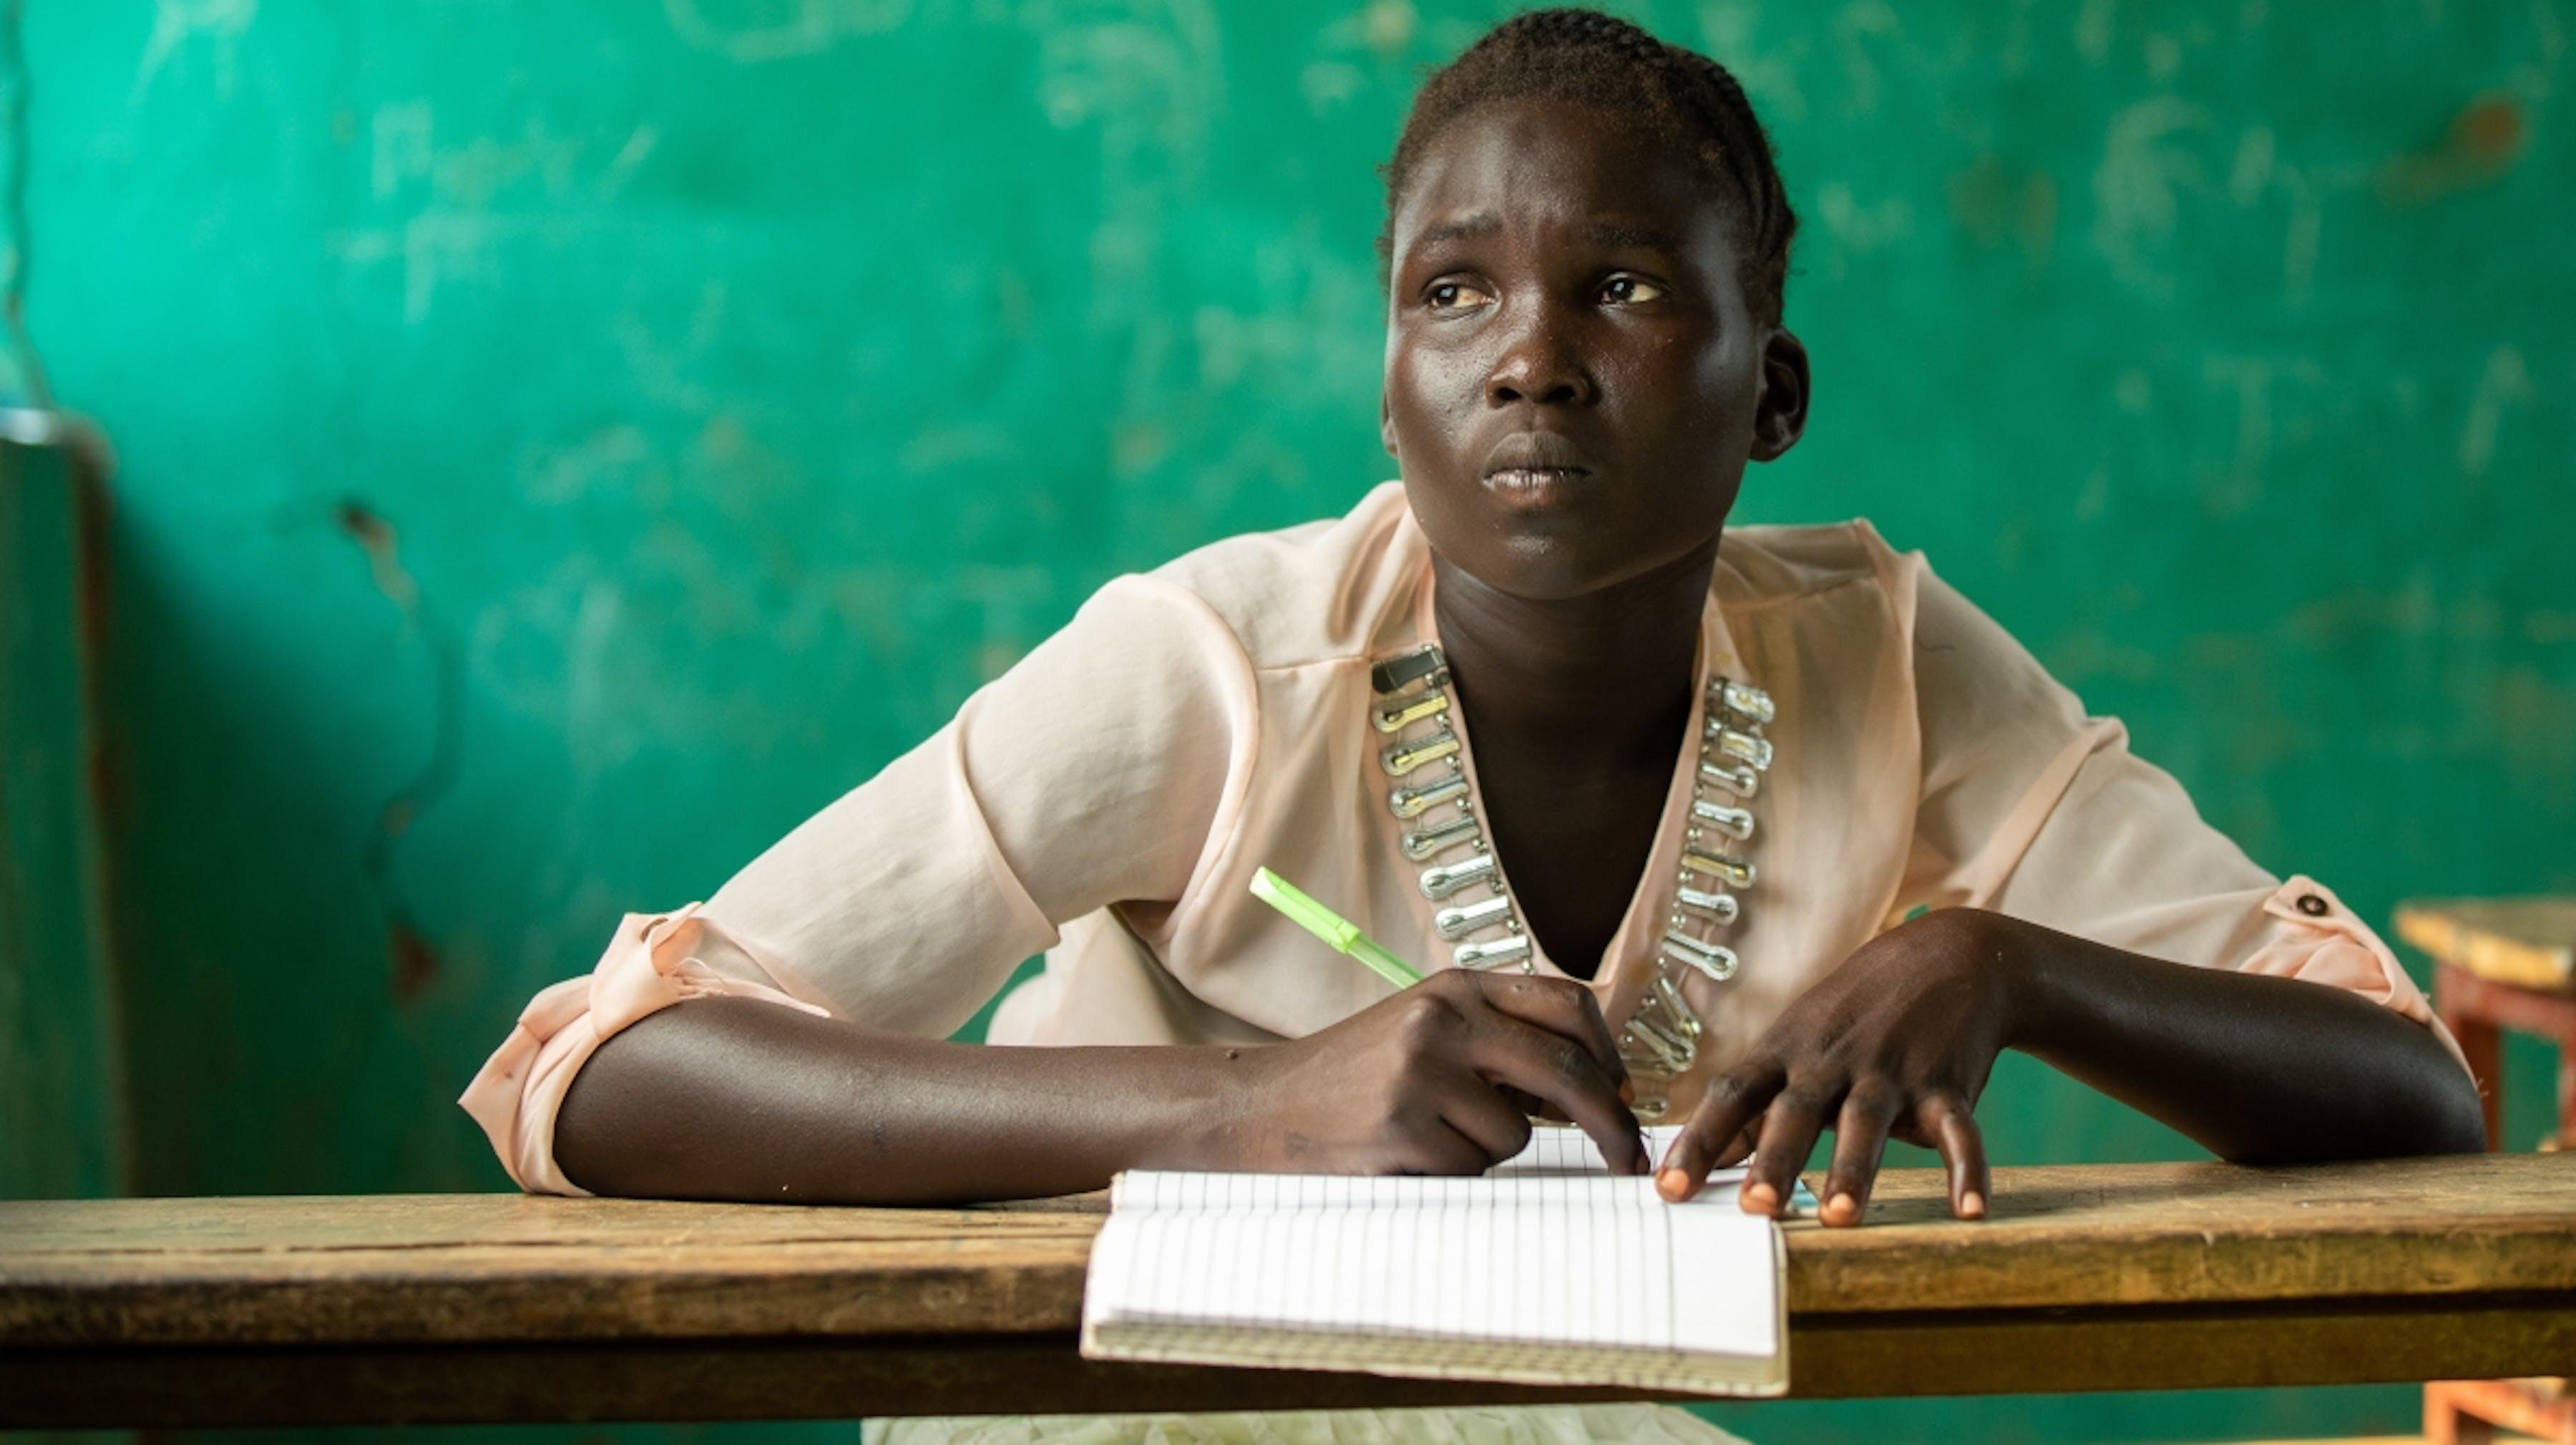 Etiopia, un ragazzo fuggito dal Sud Sudan, studia in una scuola comunitaria.